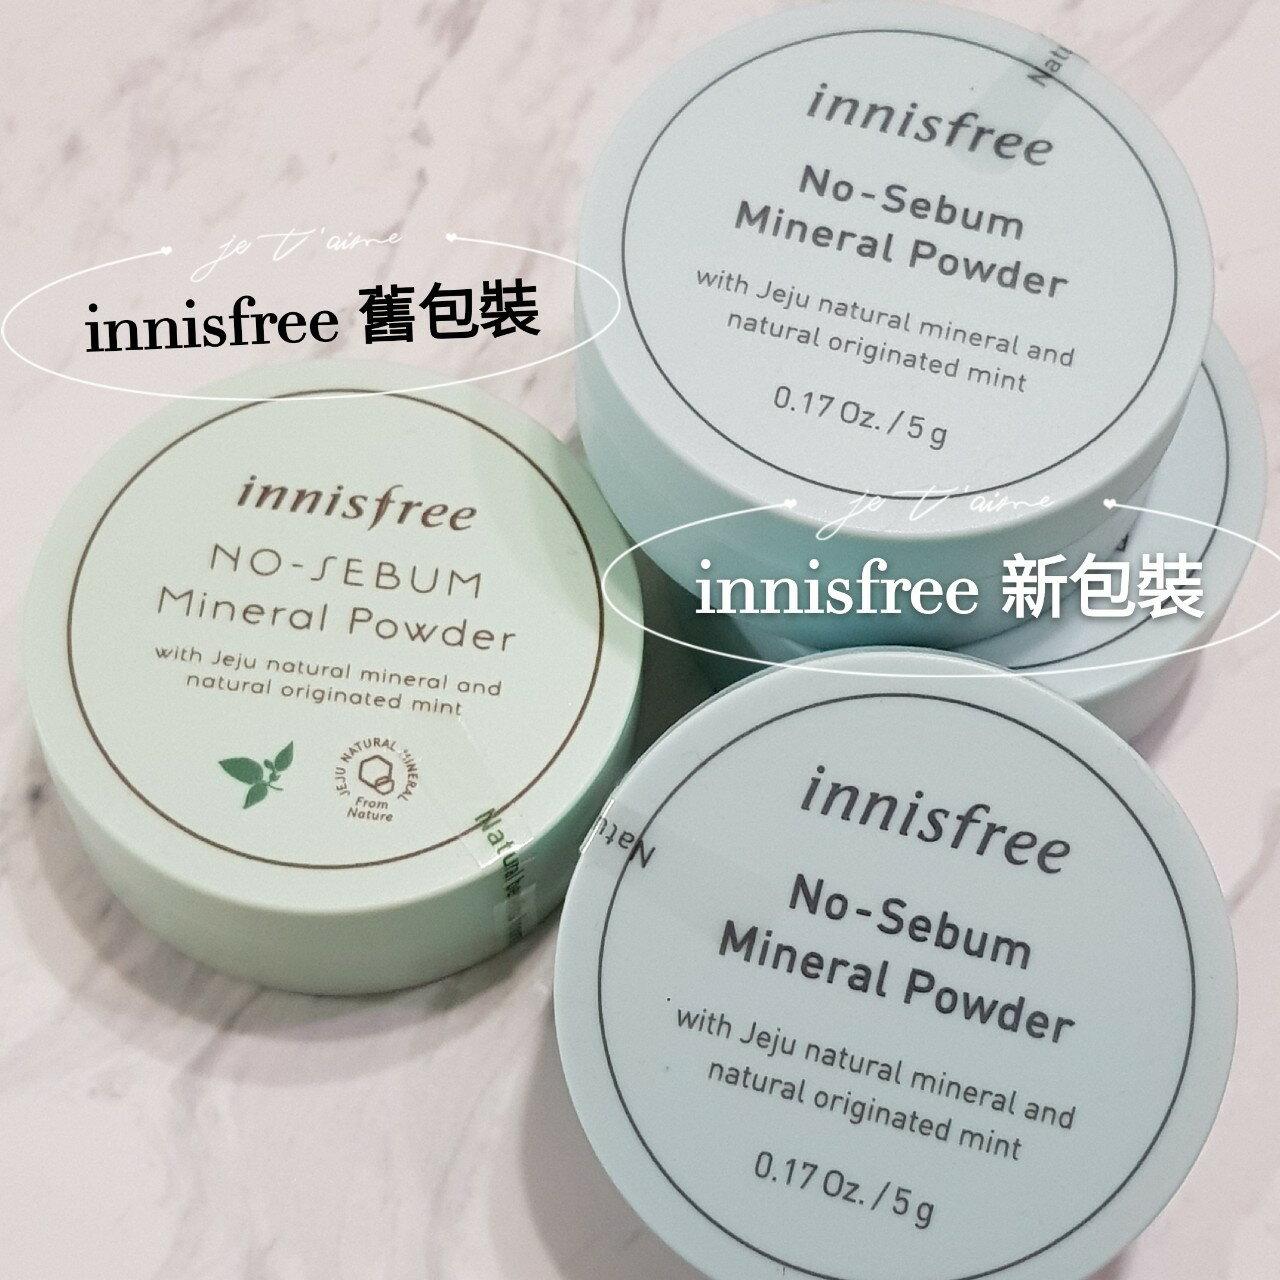 INNISFREE蜜粉 薄荷礦物 控油蜜粉5g